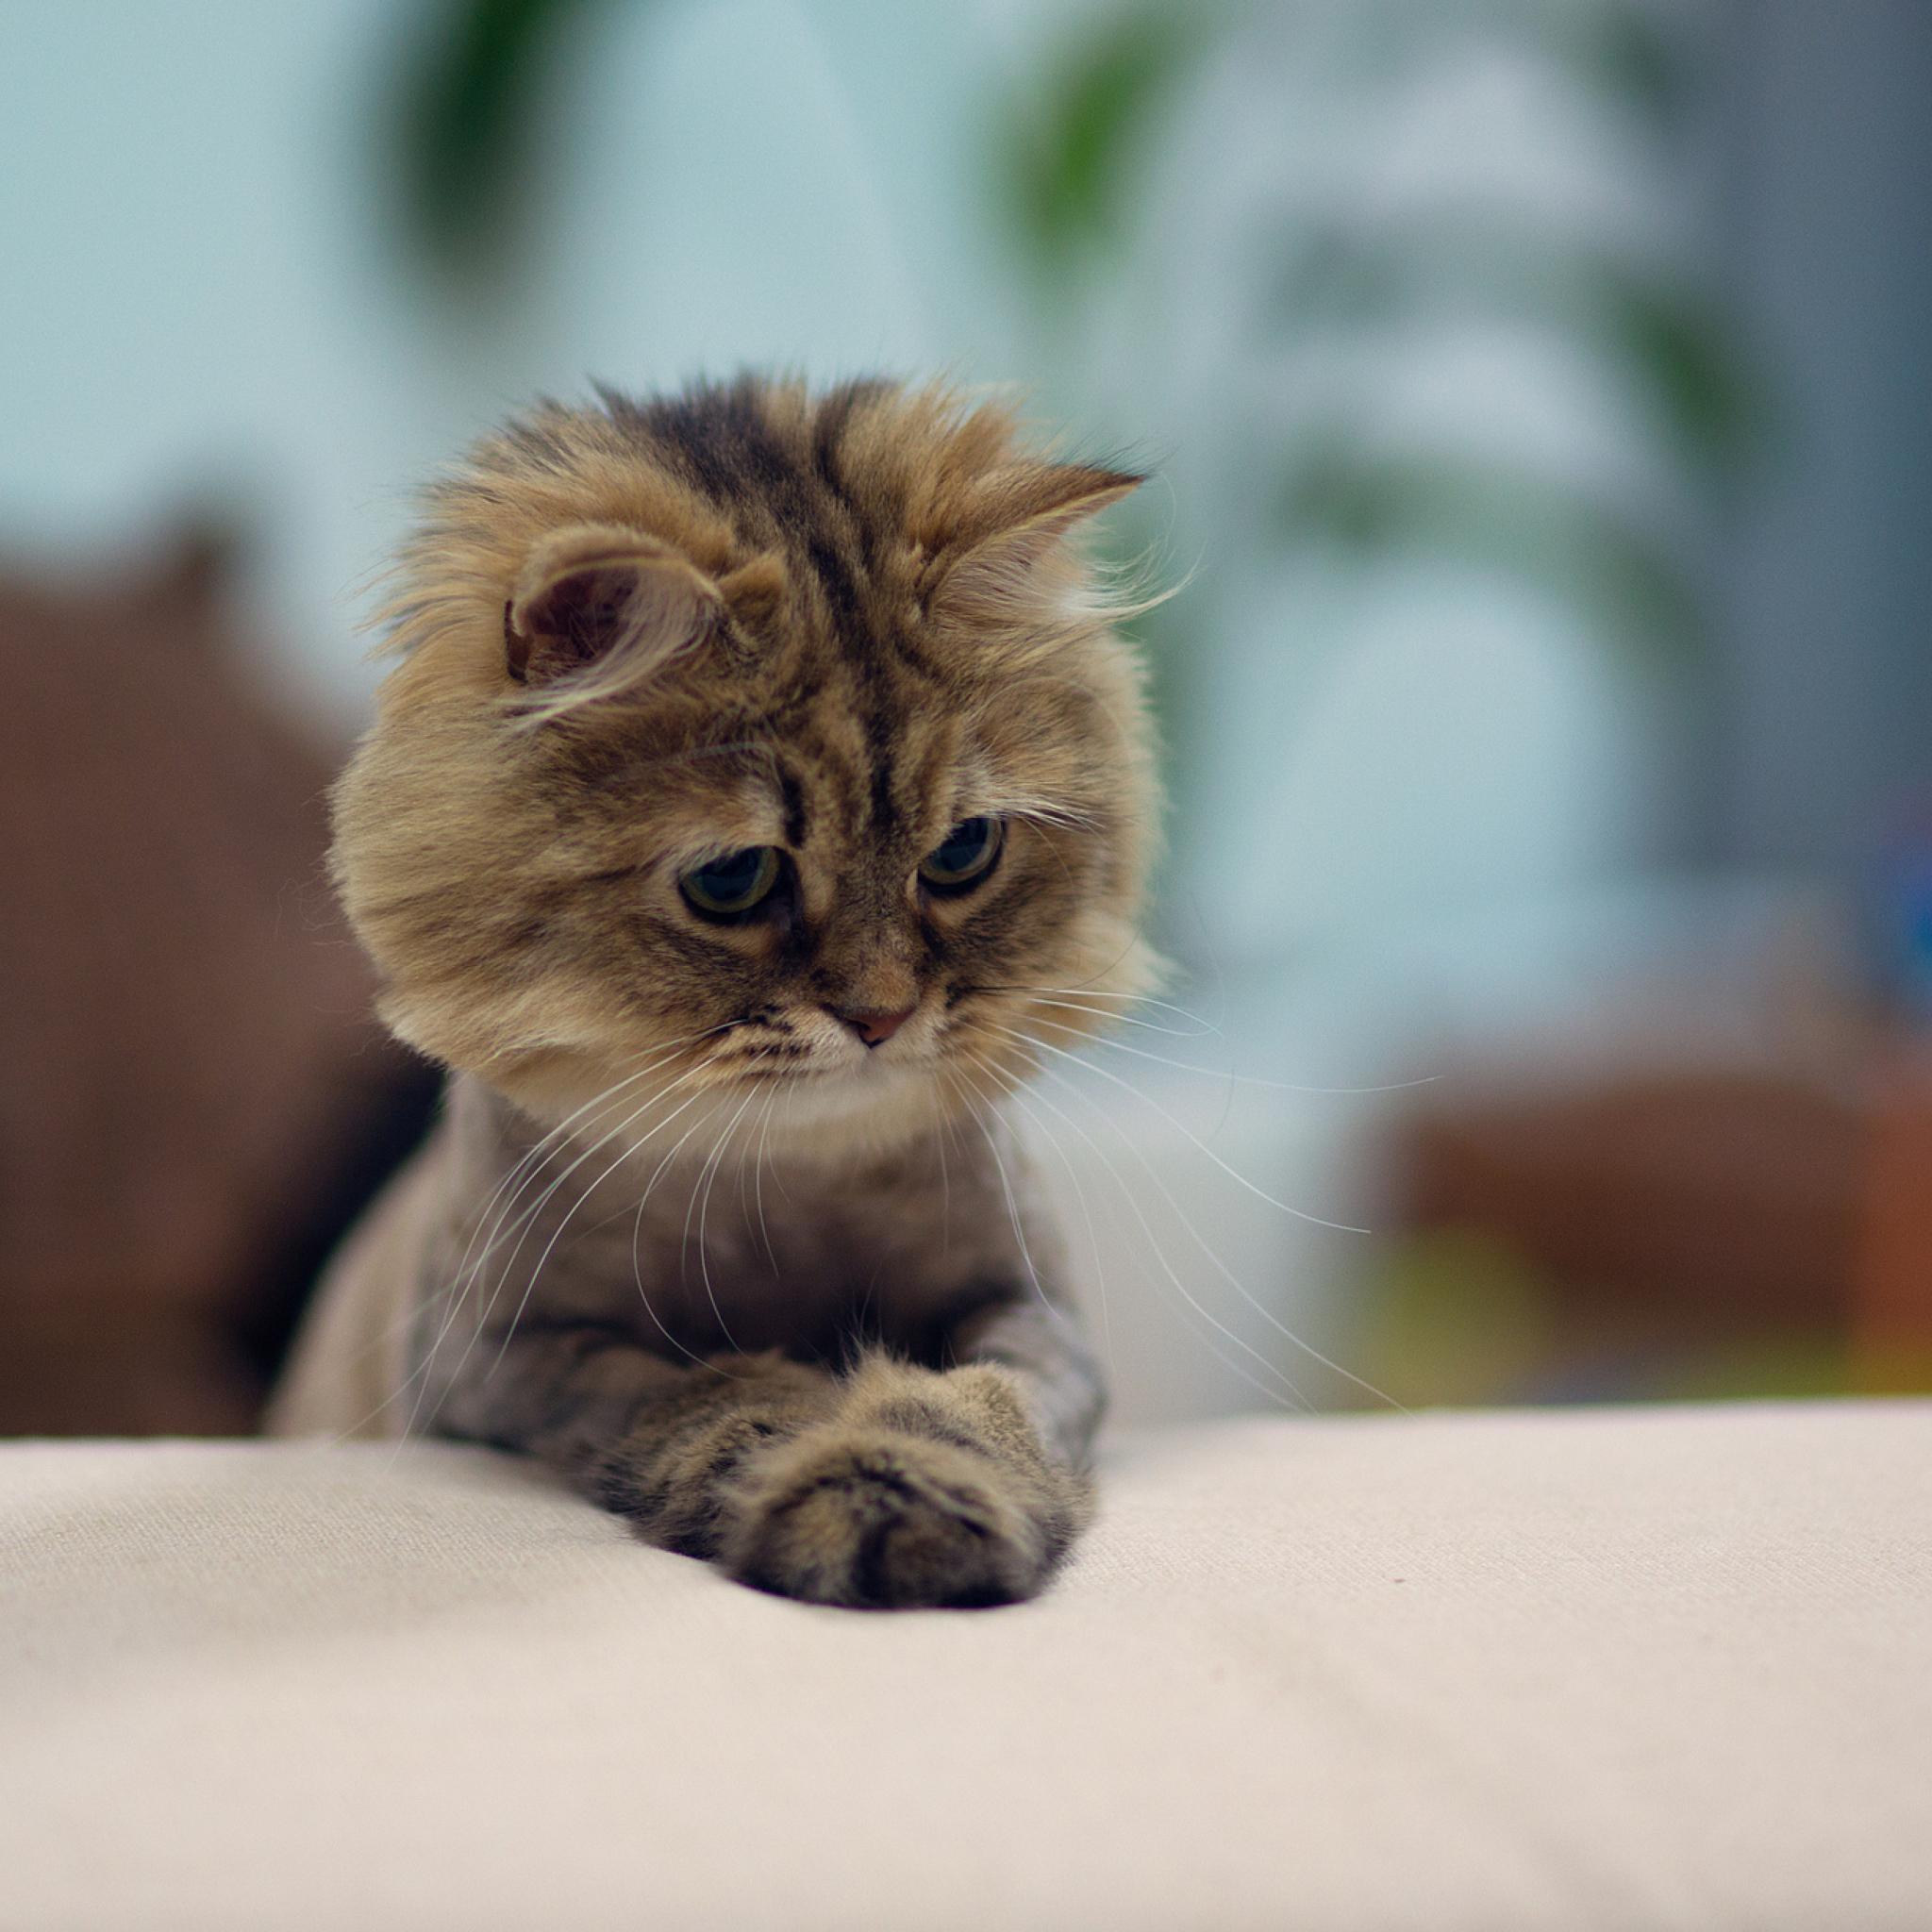 случится, картинки с умоляющими котиками потеряло первоначальный